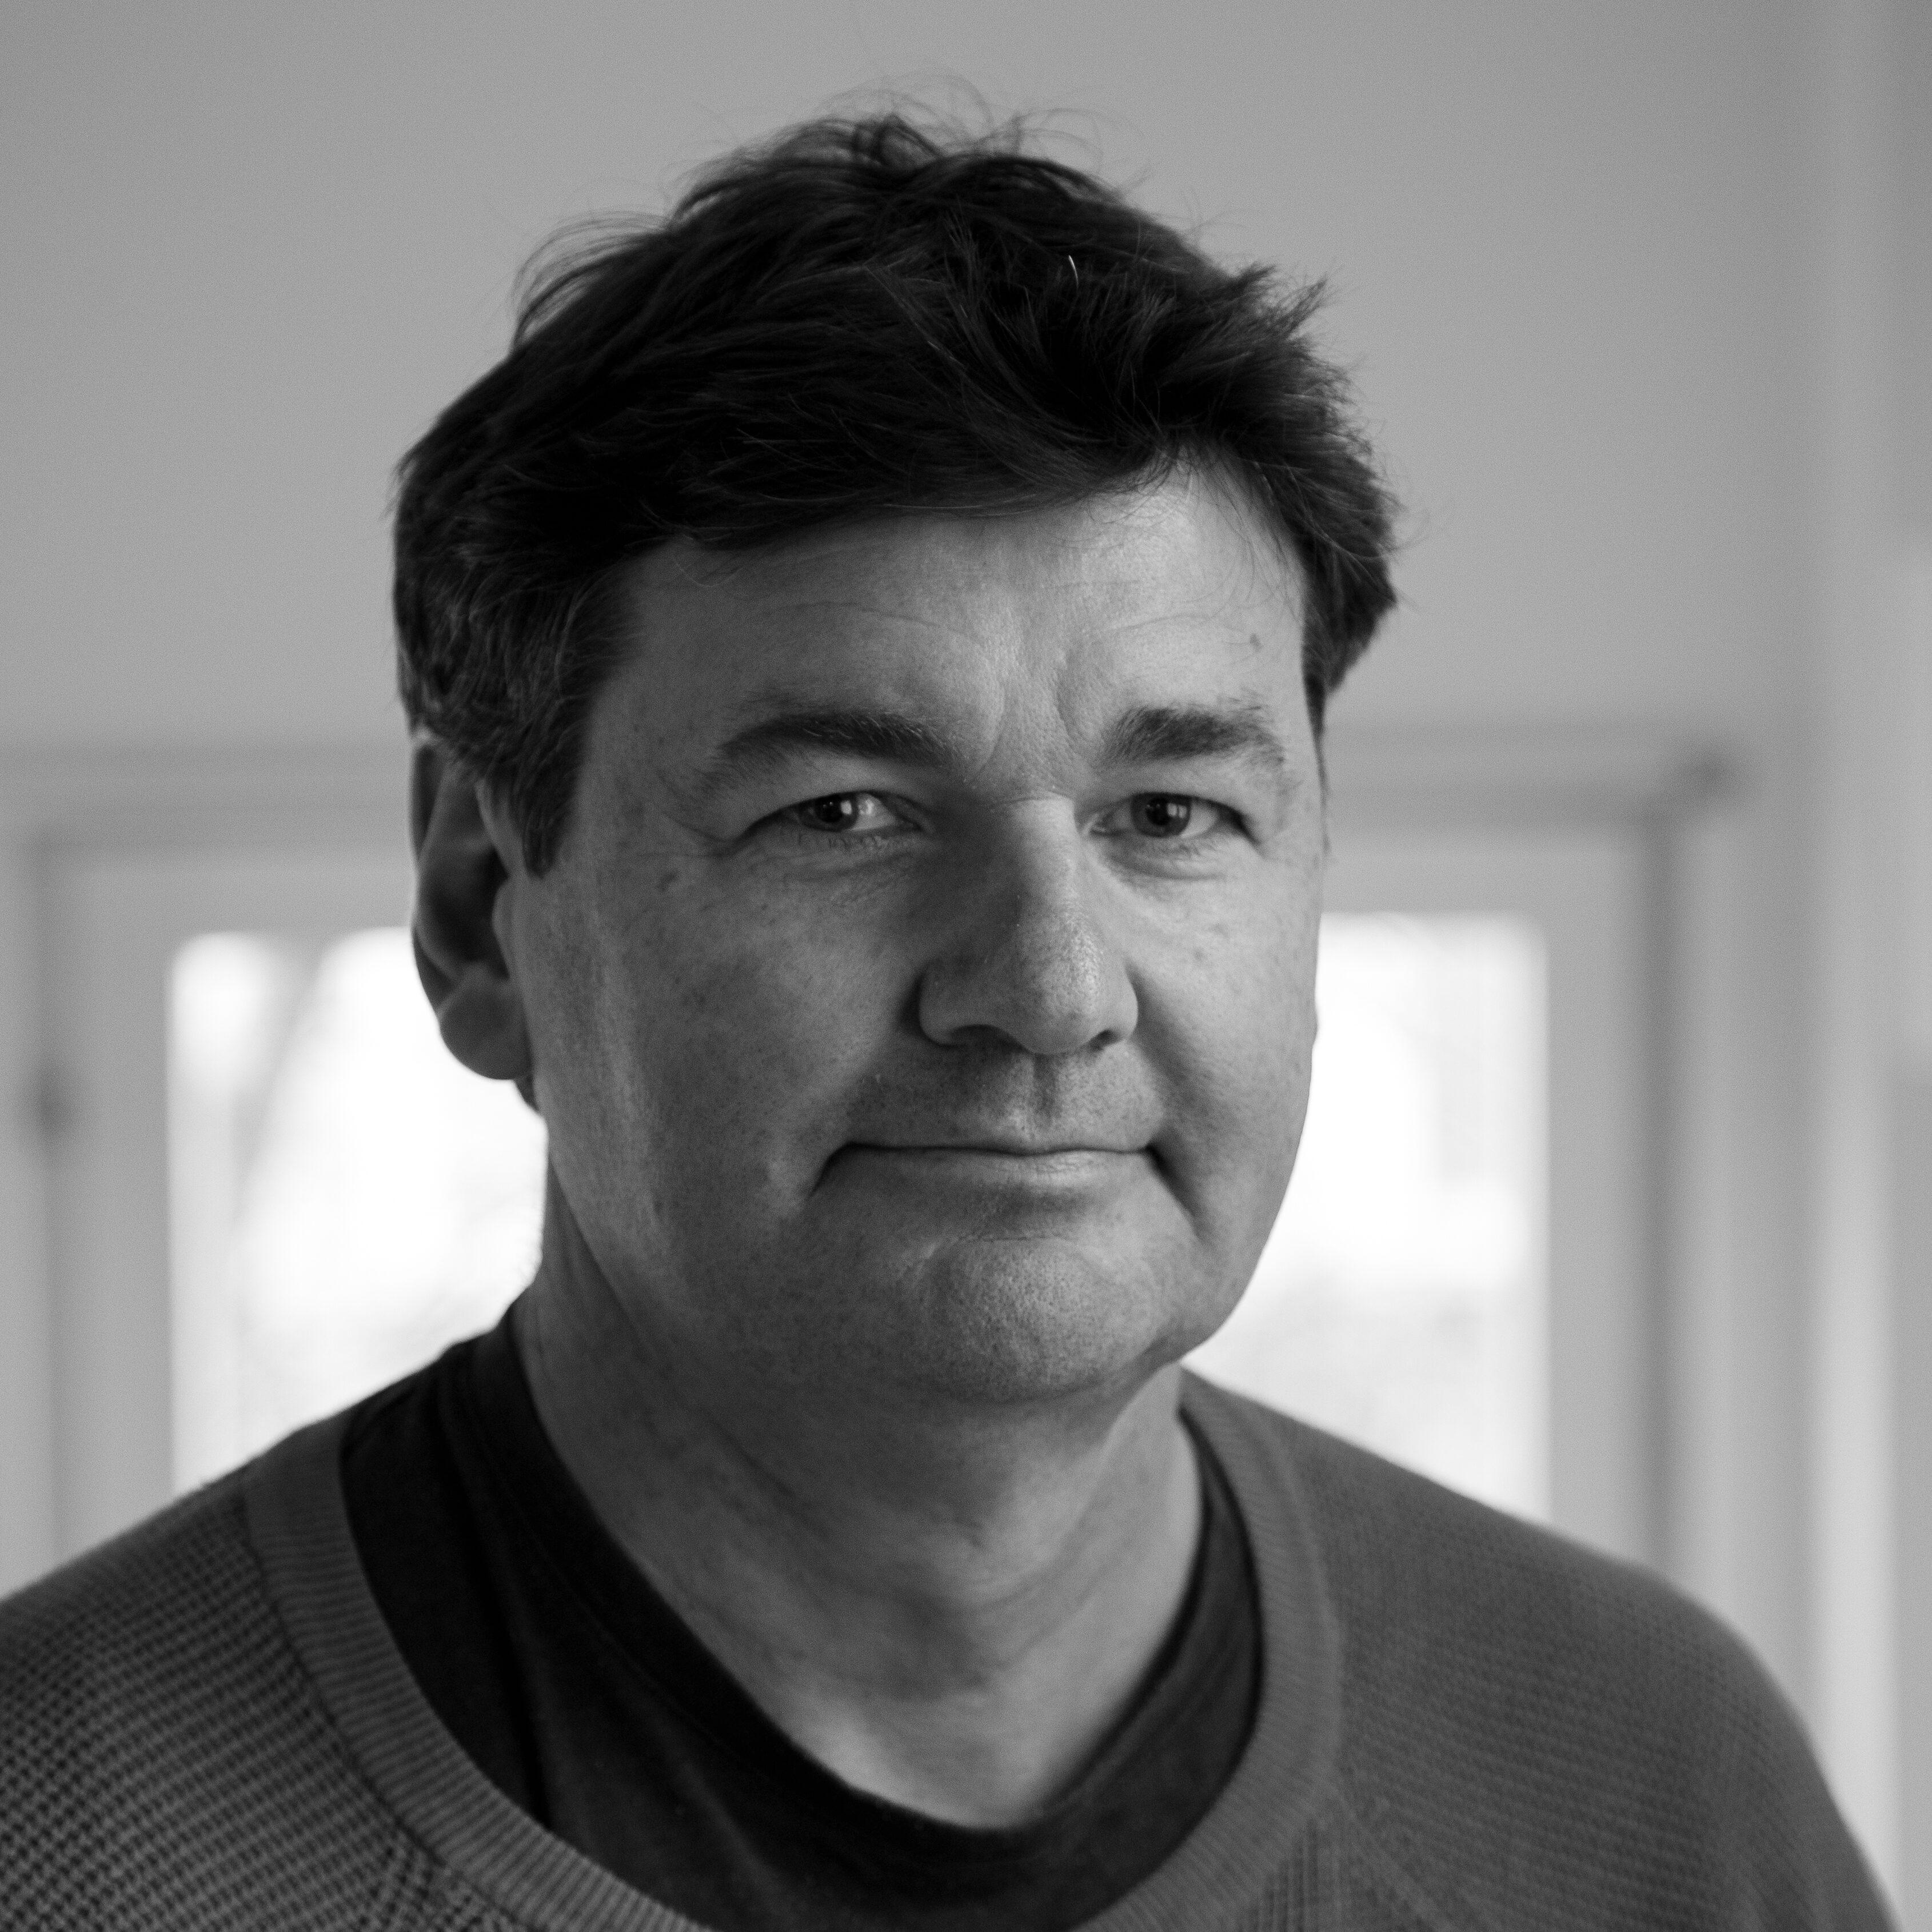 Richard Wreder